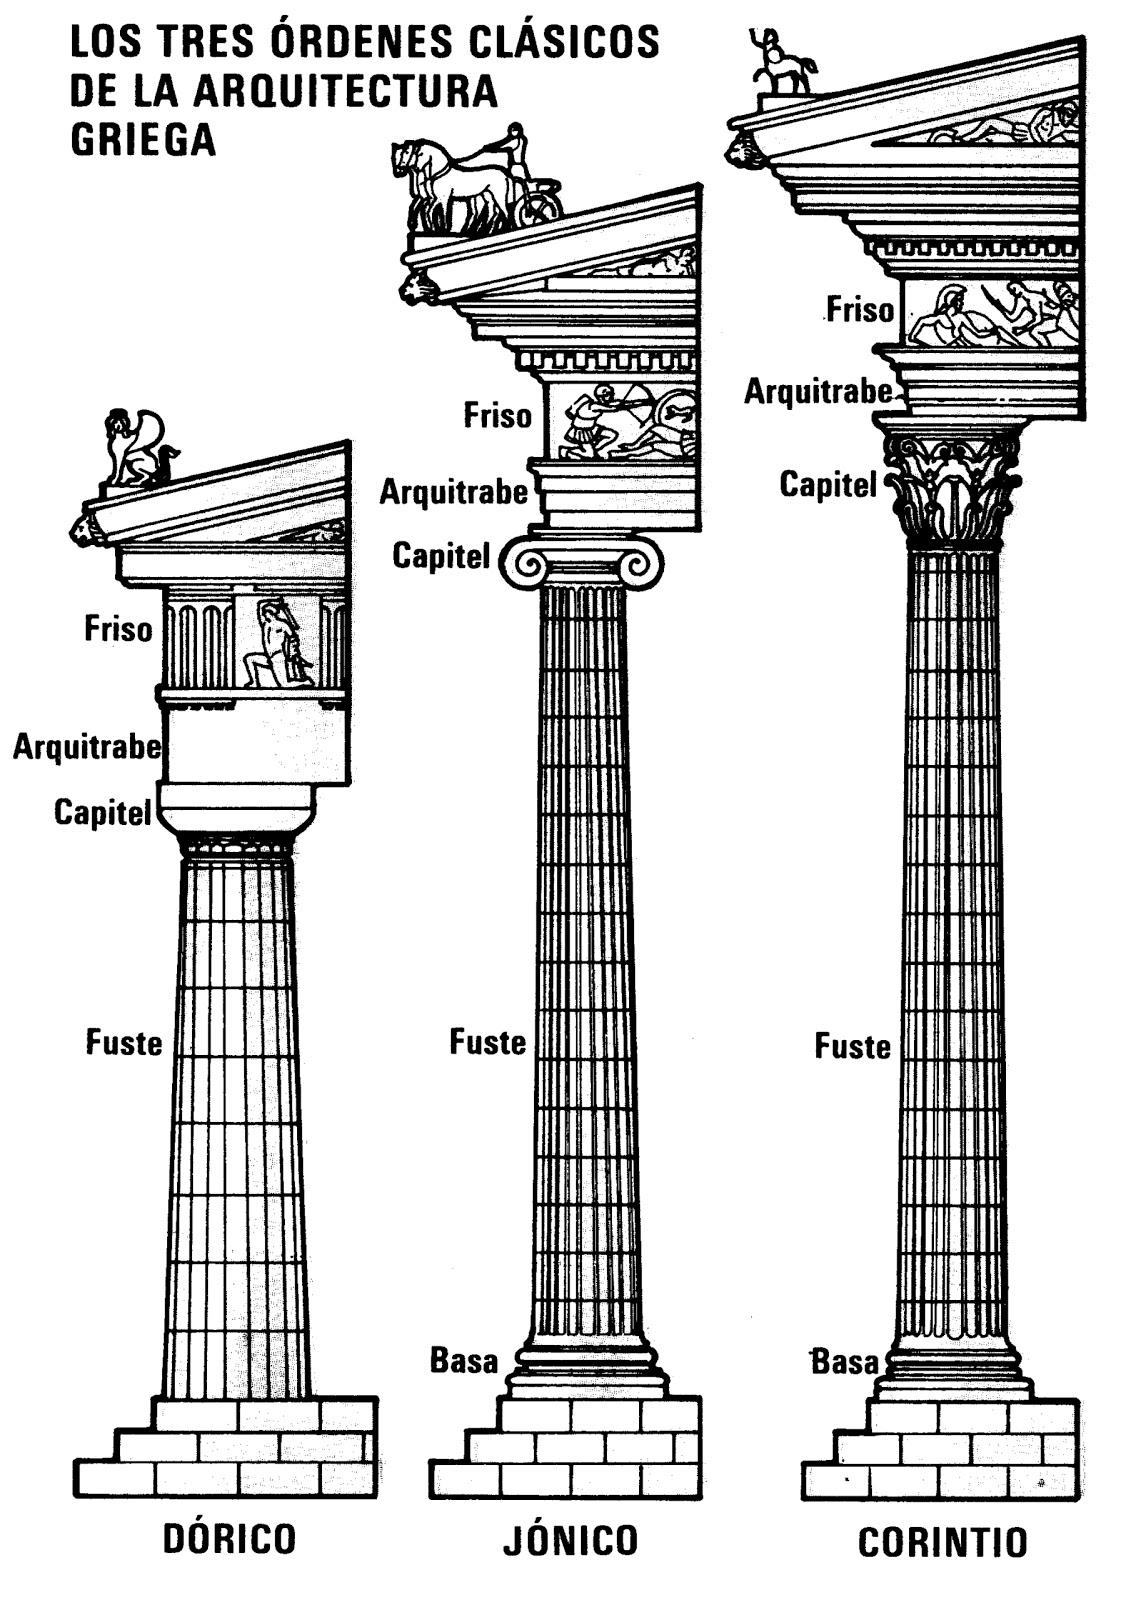 Historia del arte elementos sustentados arquitrabados for Definicion de estilo en arquitectura